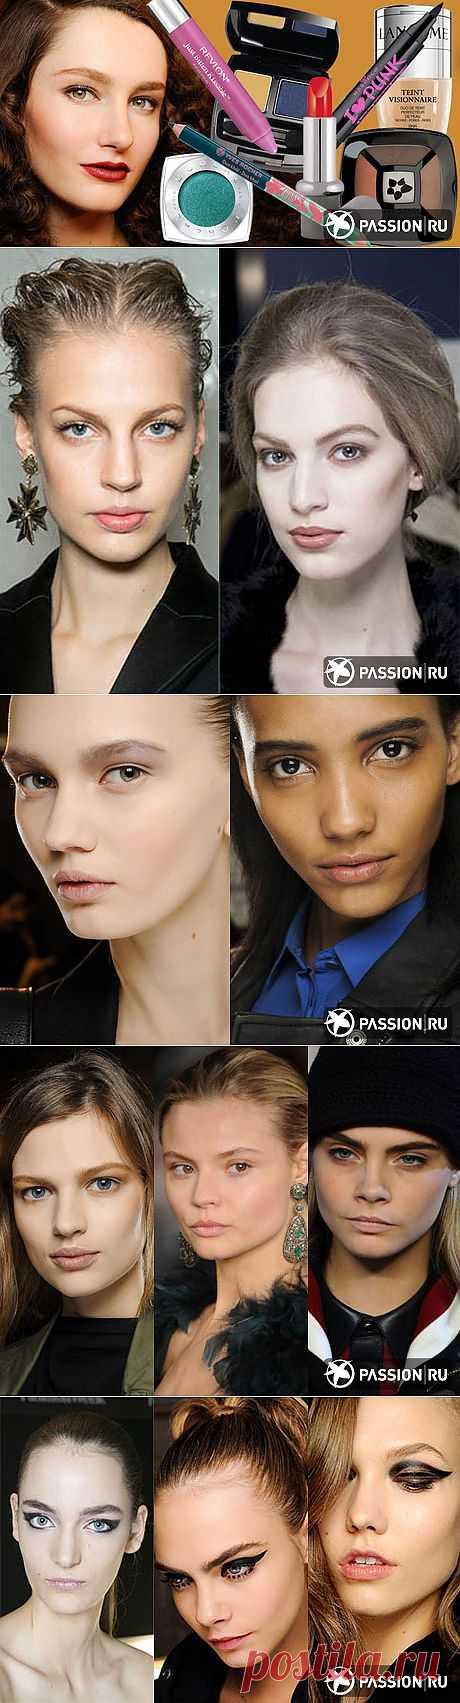 Модный макияж осени-зимы 2013-2014 (77 фото) | passion.ru